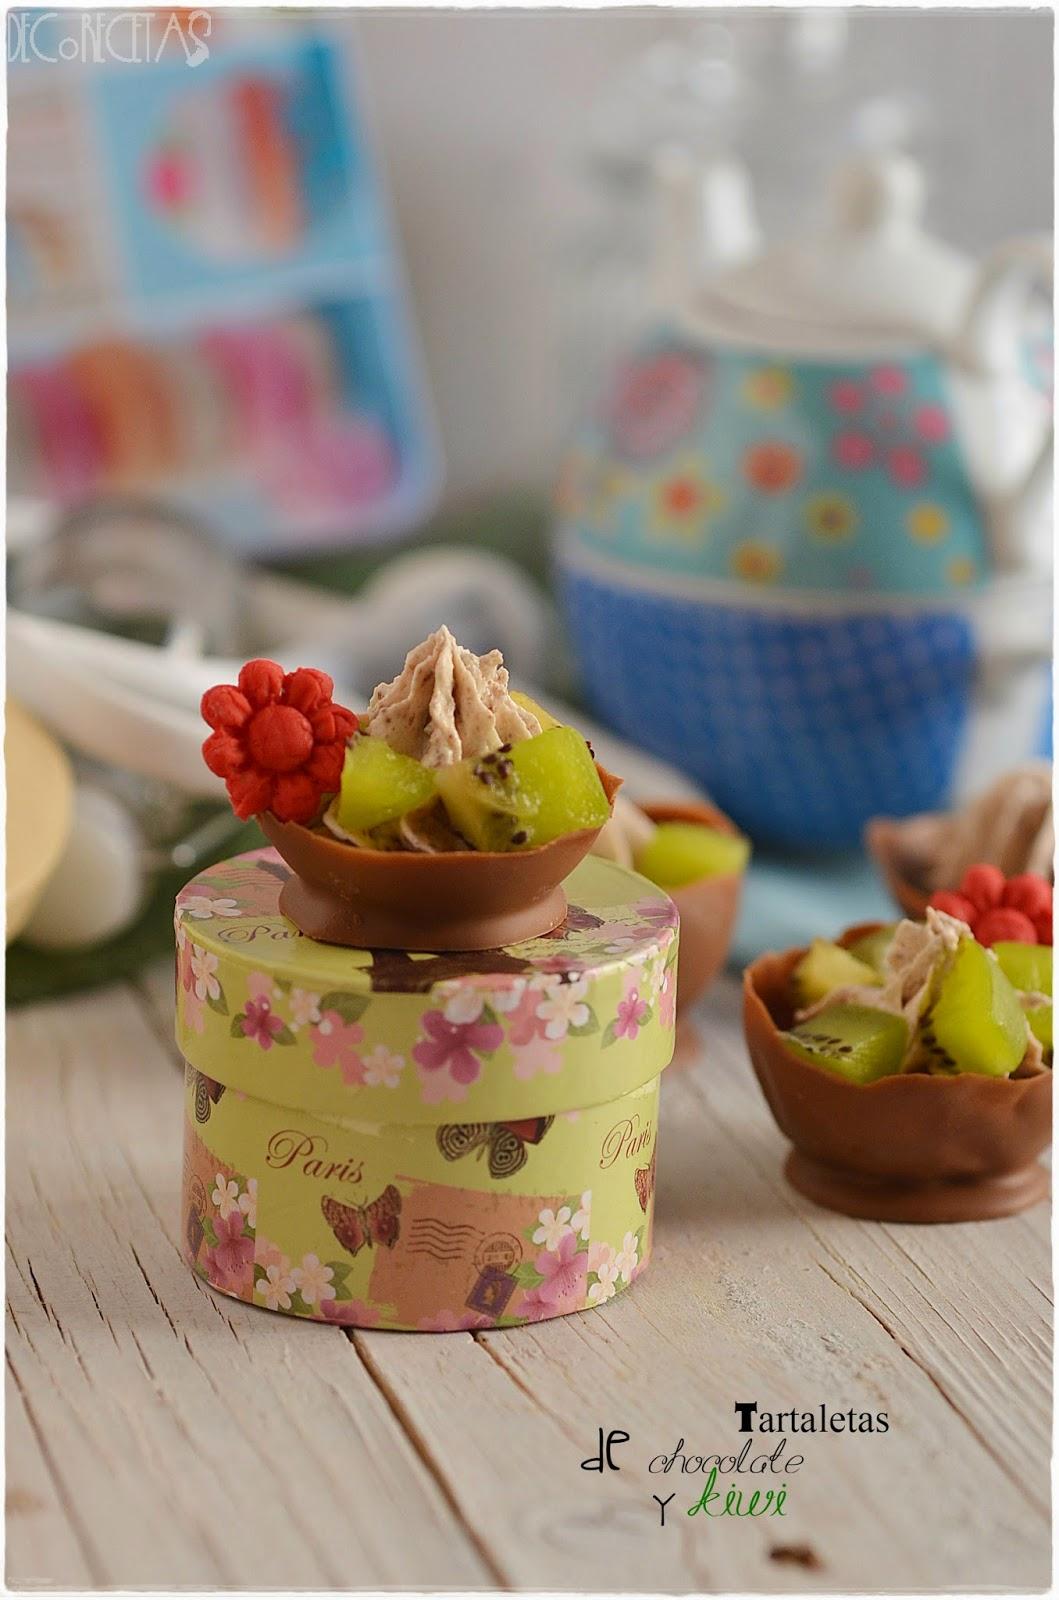 Tartaletas de chocolate y kiwi